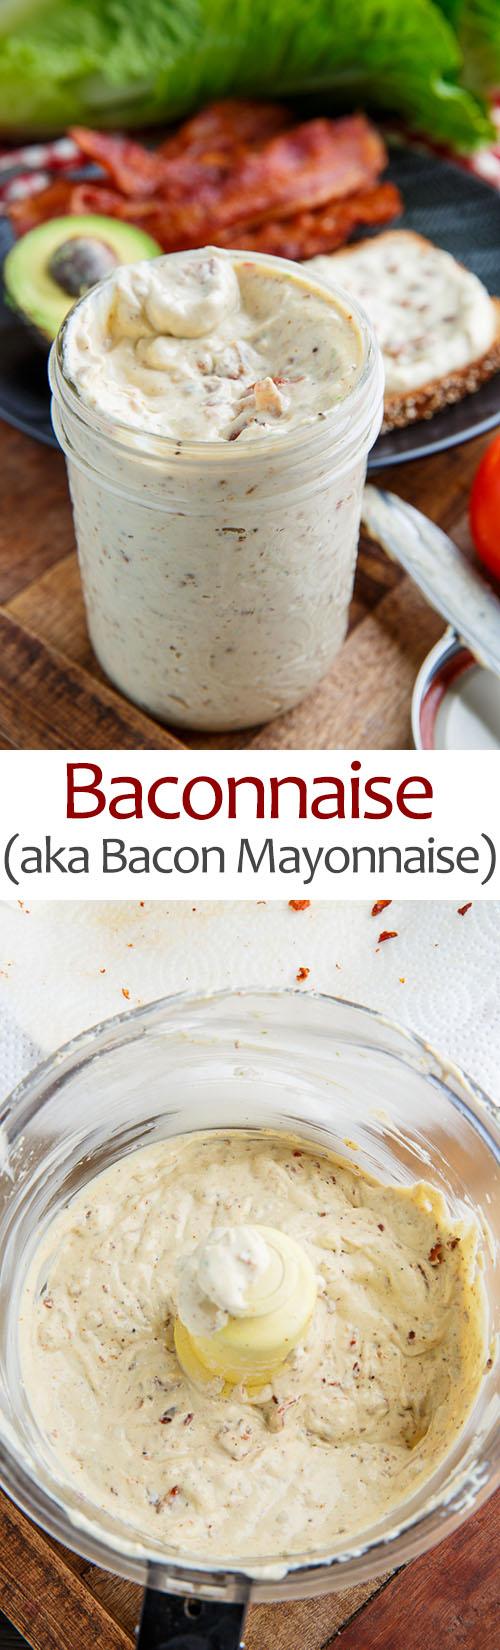 Baconnaise (aka Bacon Mayonnaise)